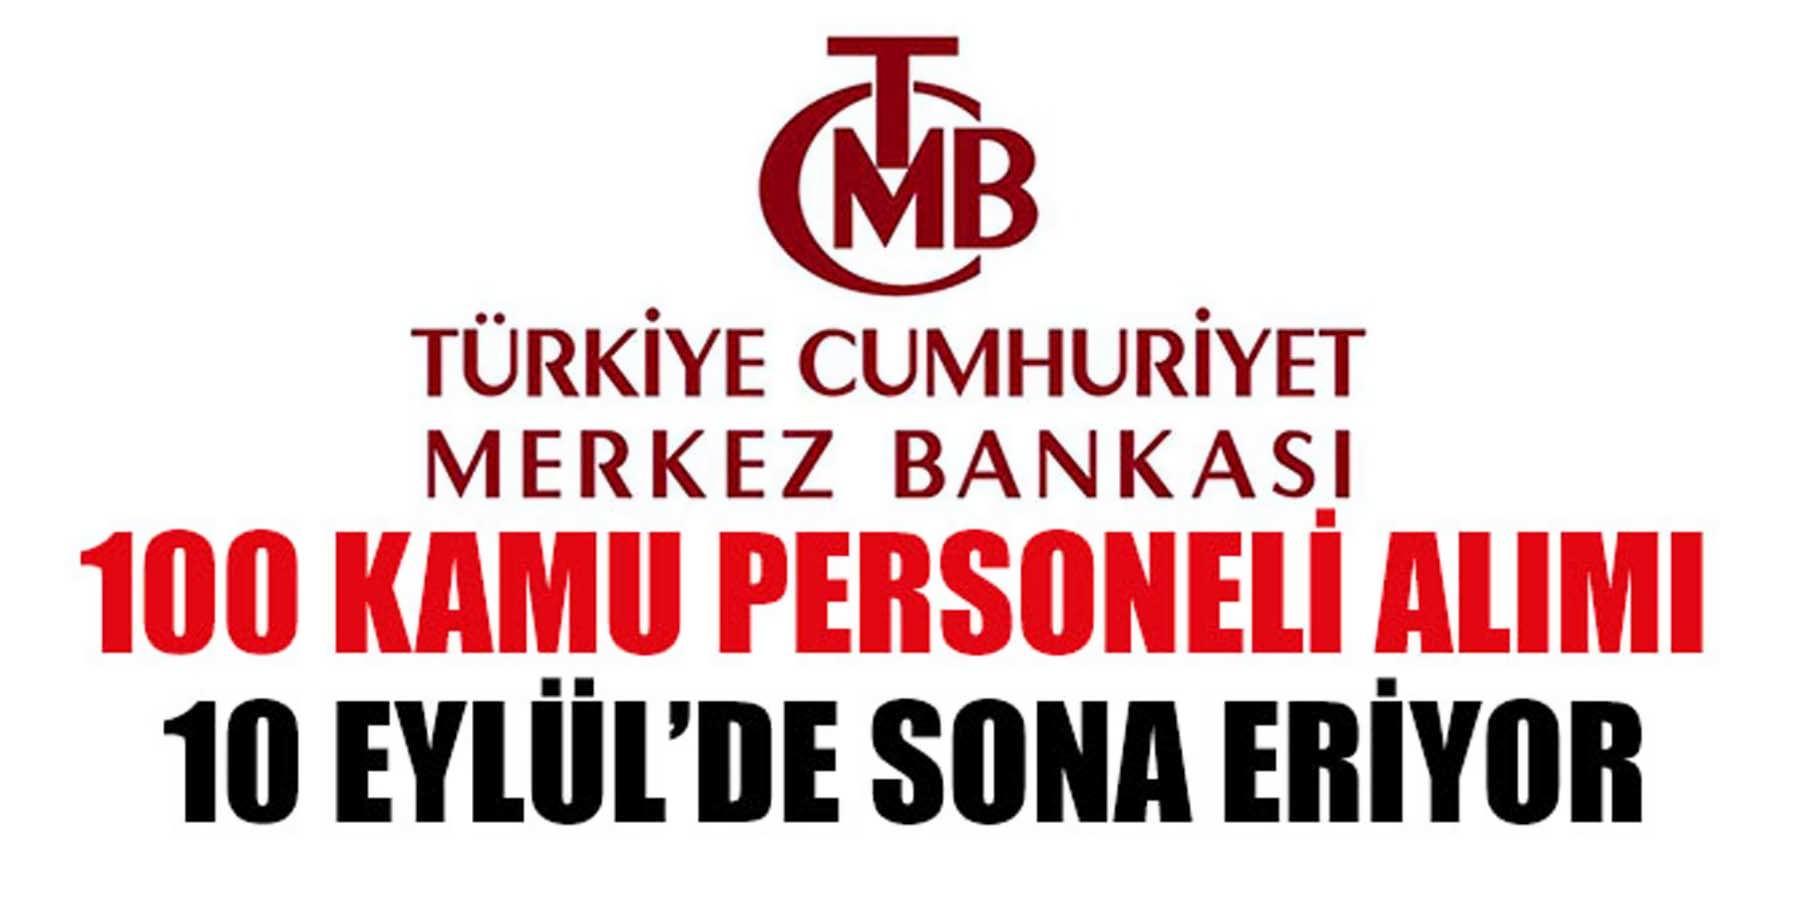 Merkez Bankası 100 Kamu Personeli Alımı 10 Eylül'de Bitiyor